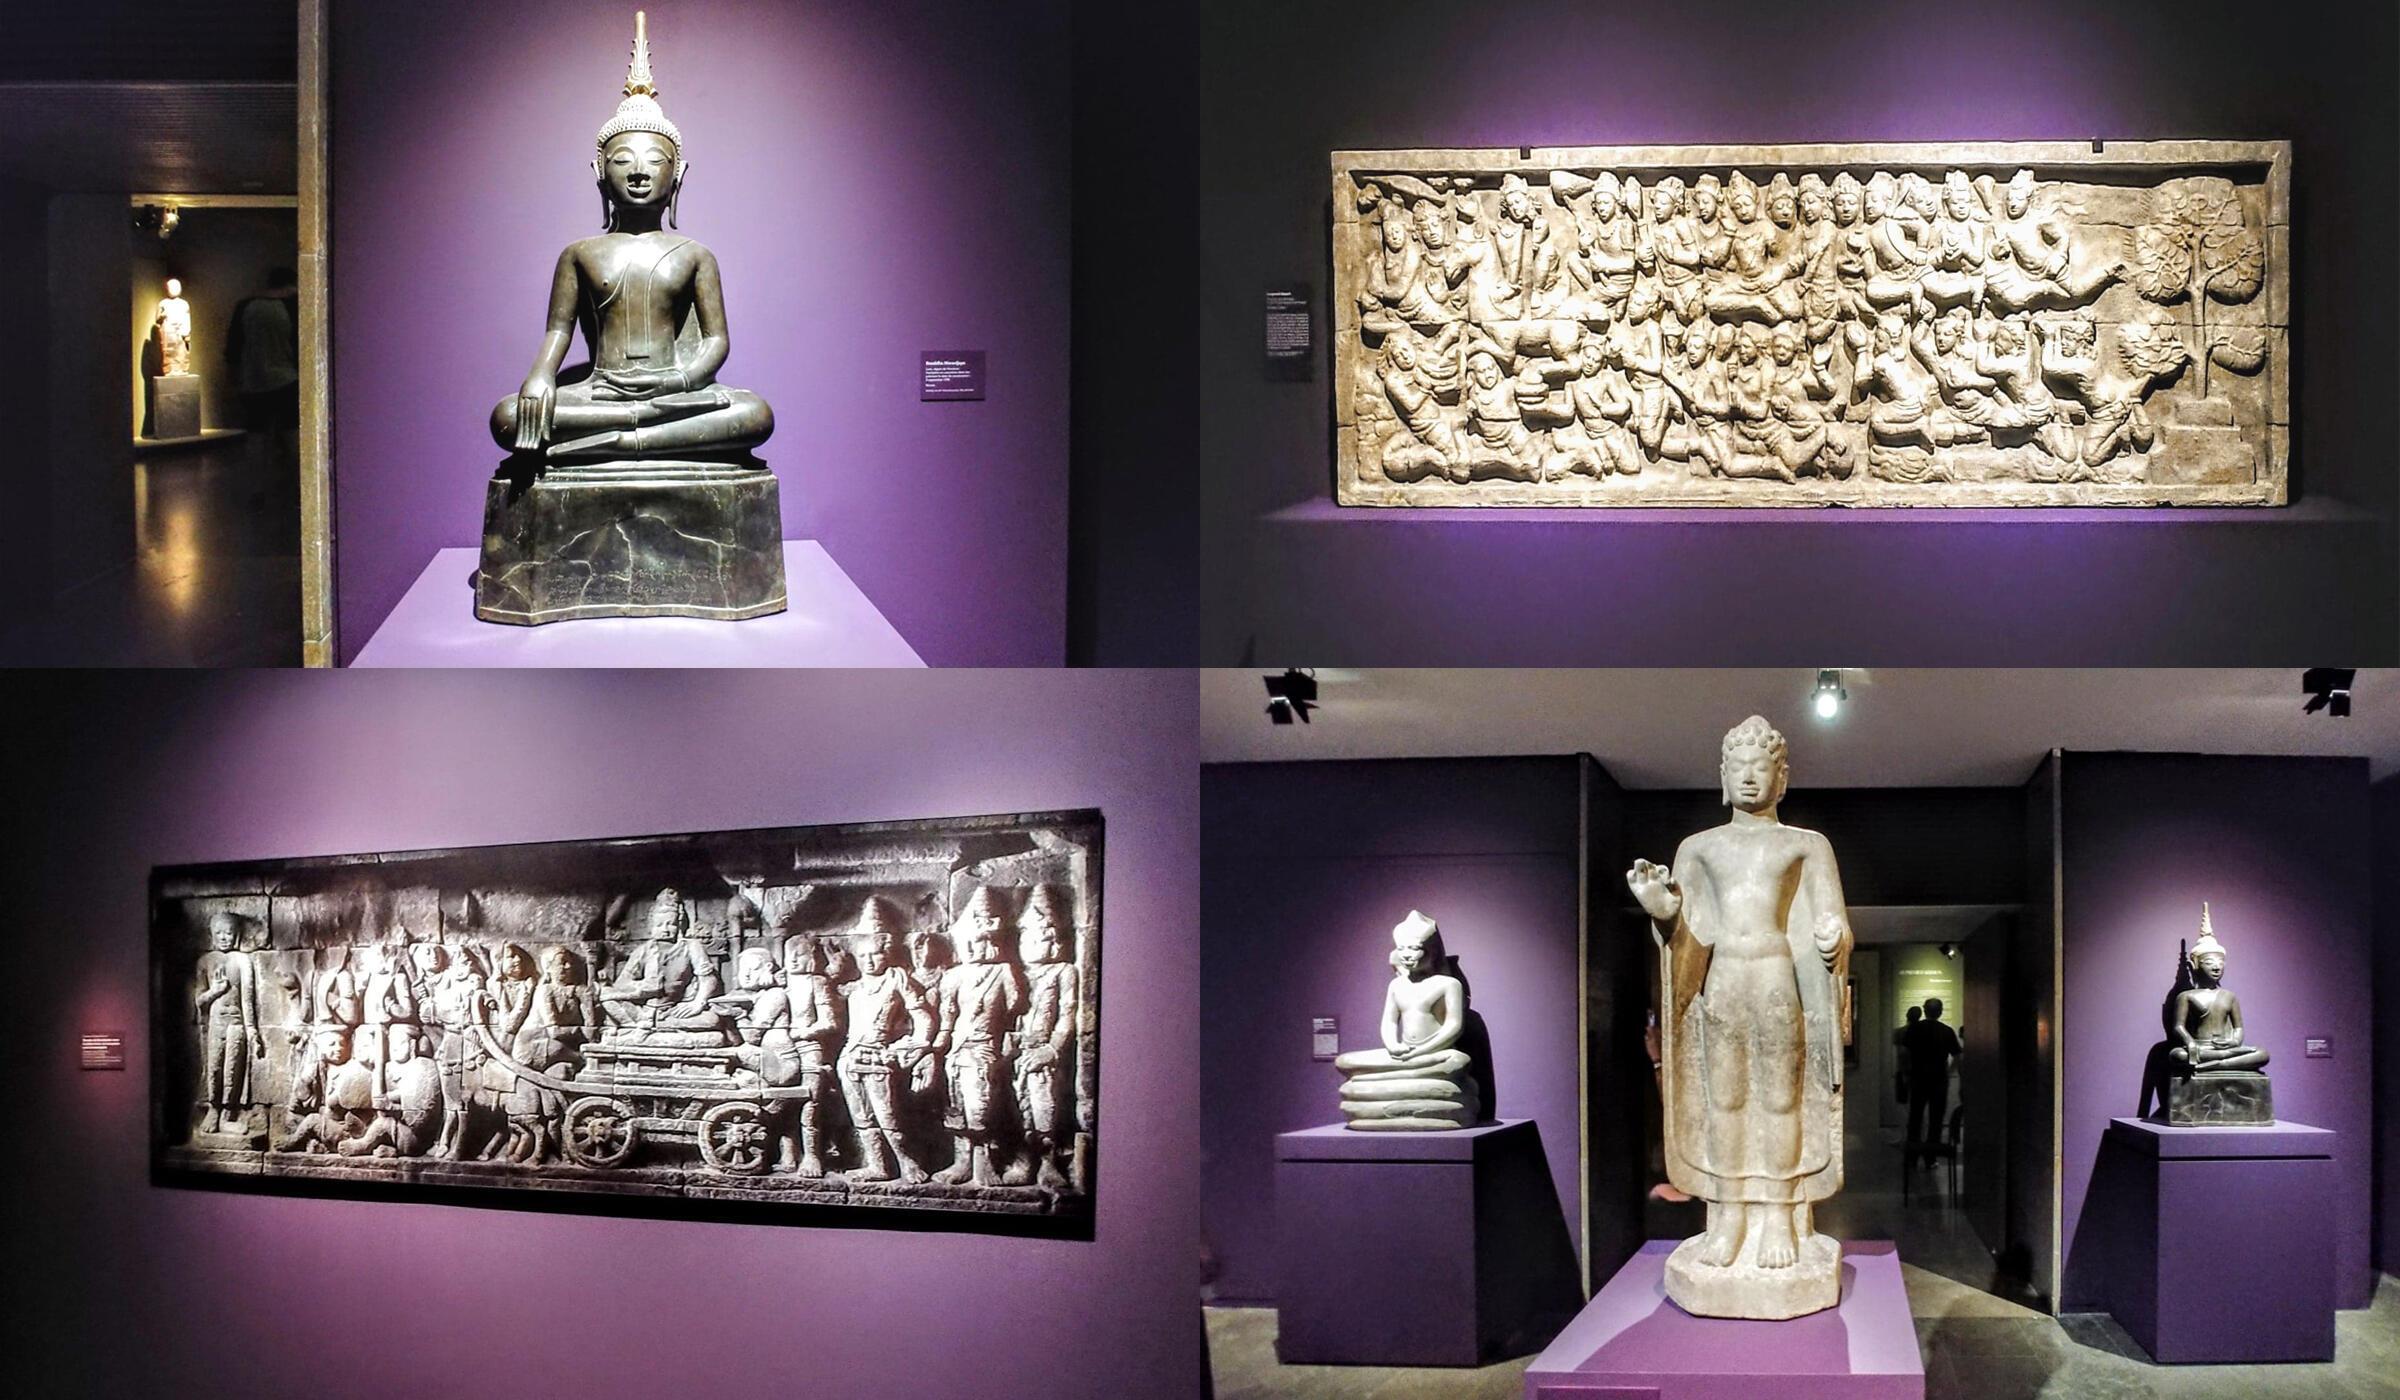 159 tác phẩm đủ loại đề cao các giai đoạn hưng thịnh, rực rỡ nhất lịch sử Phật giáo